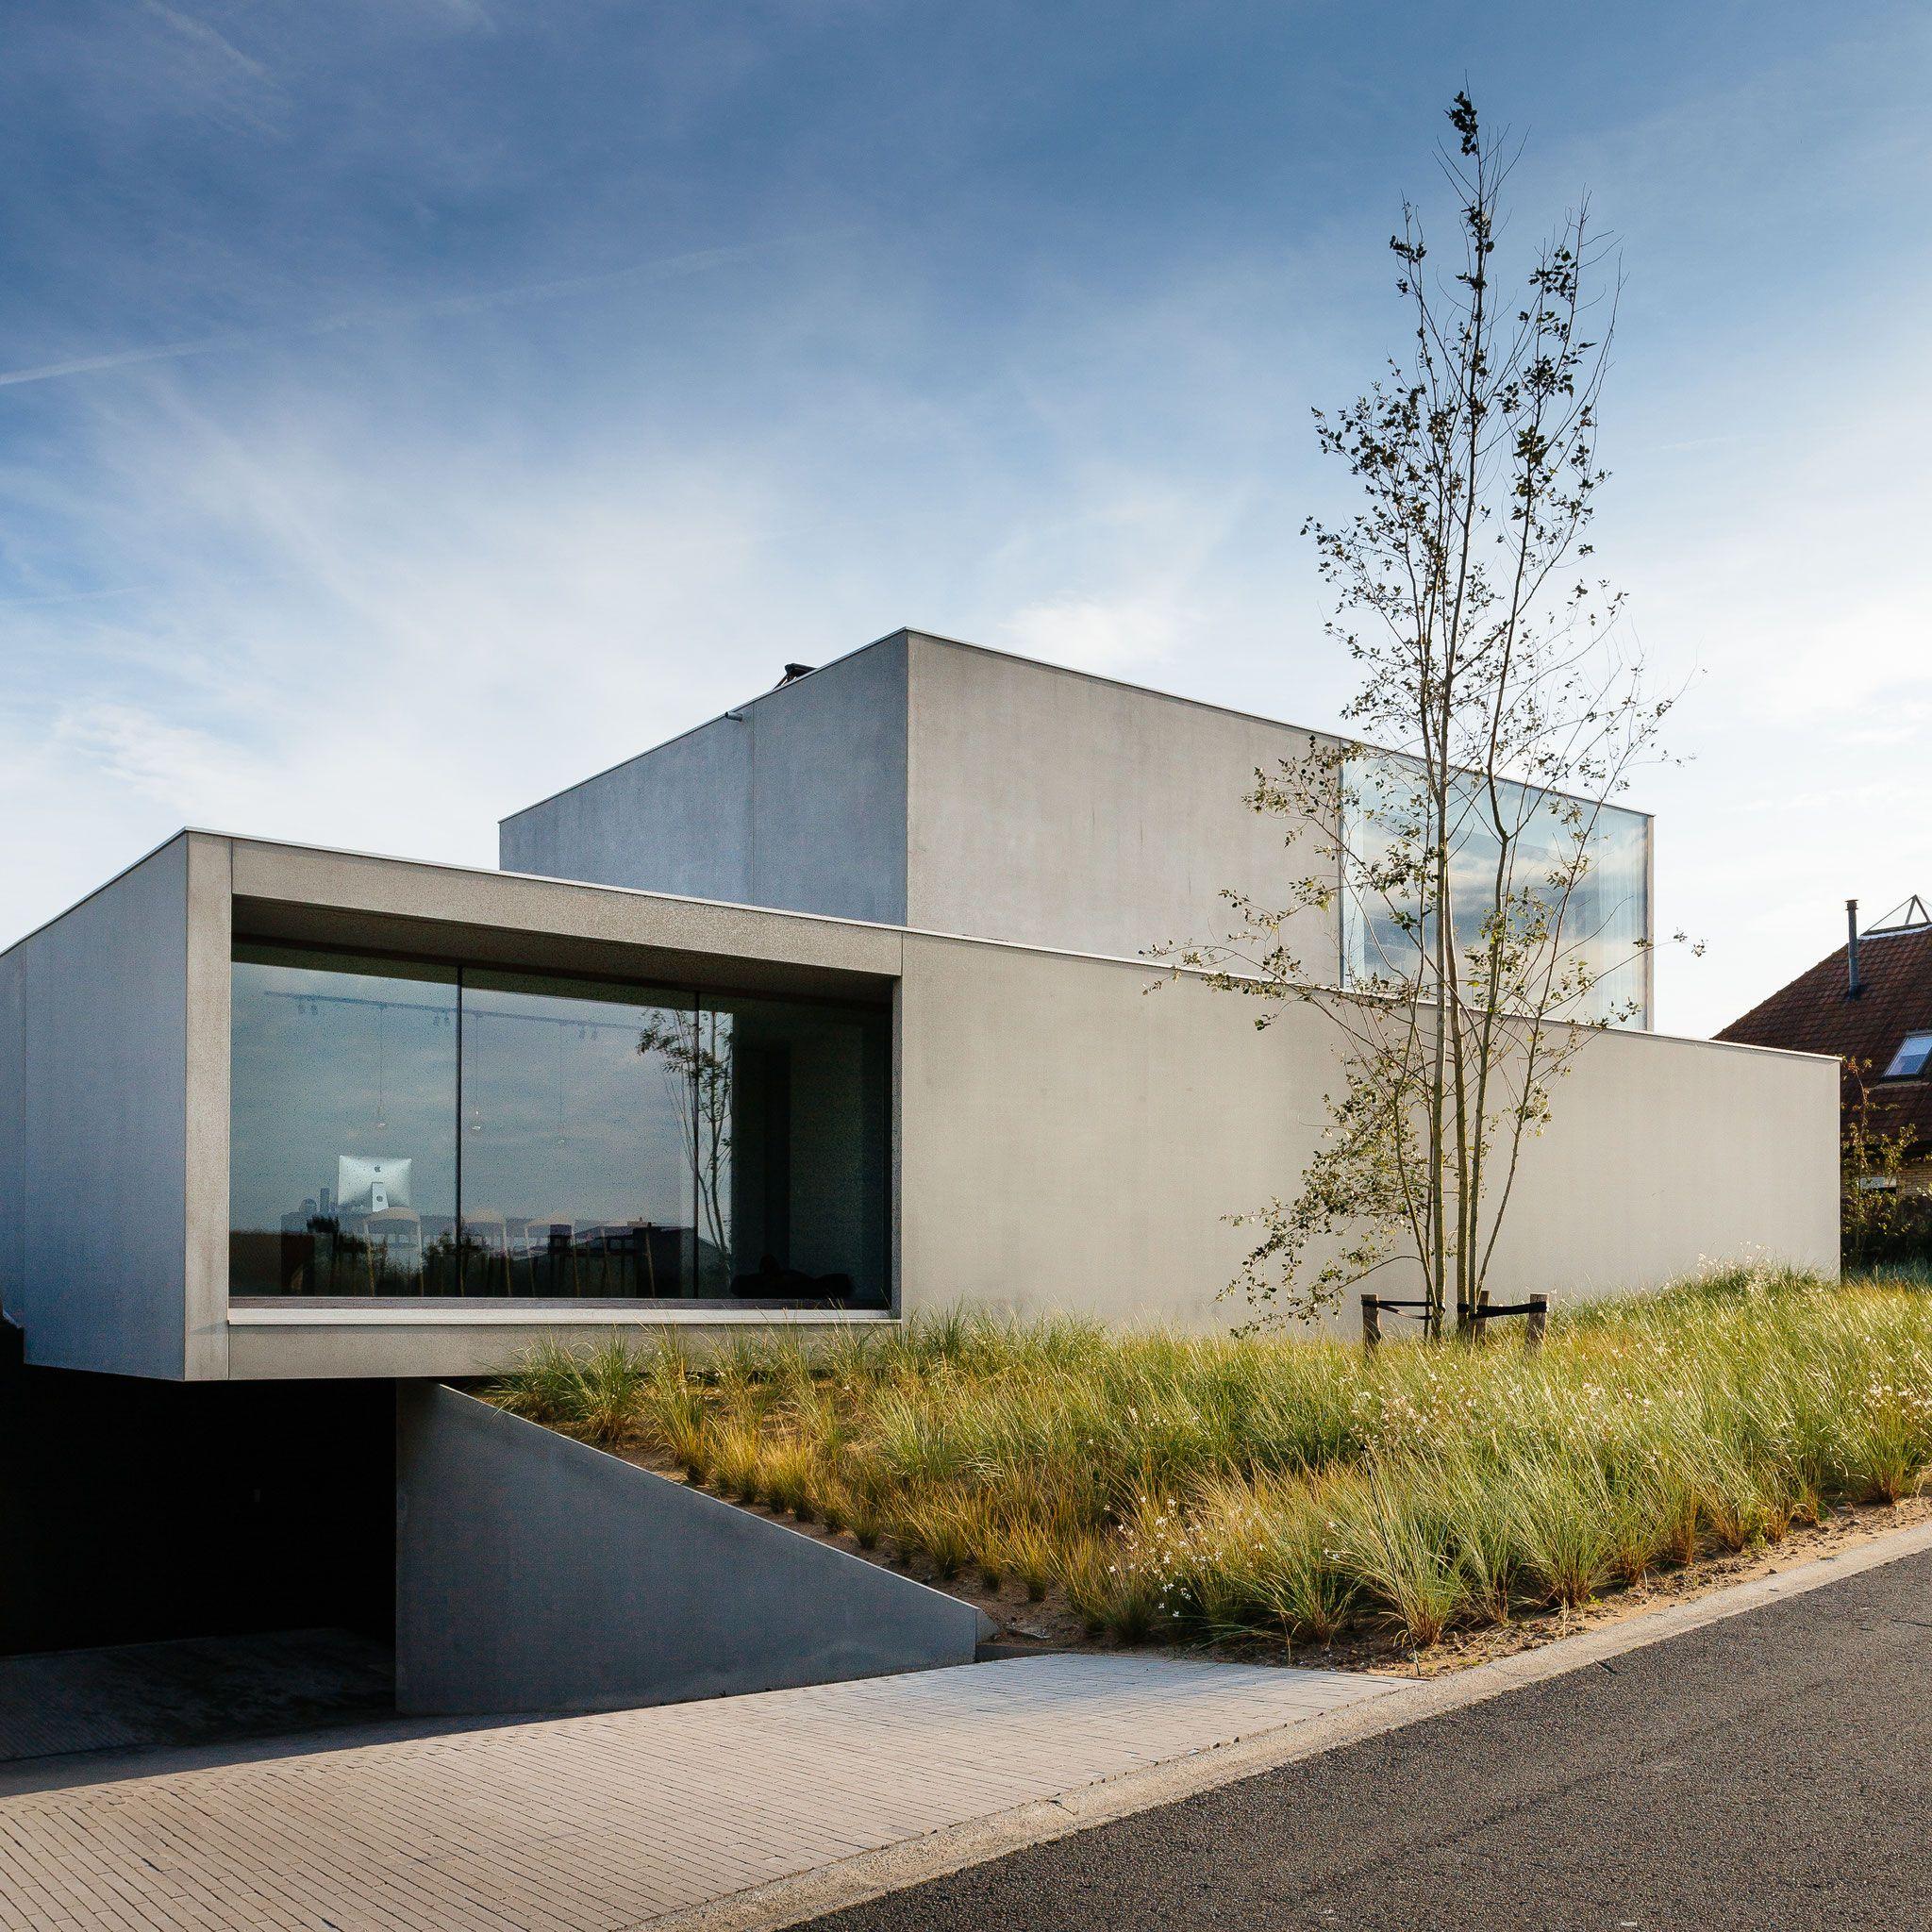 Woning in geïsoleerde betonpanelen